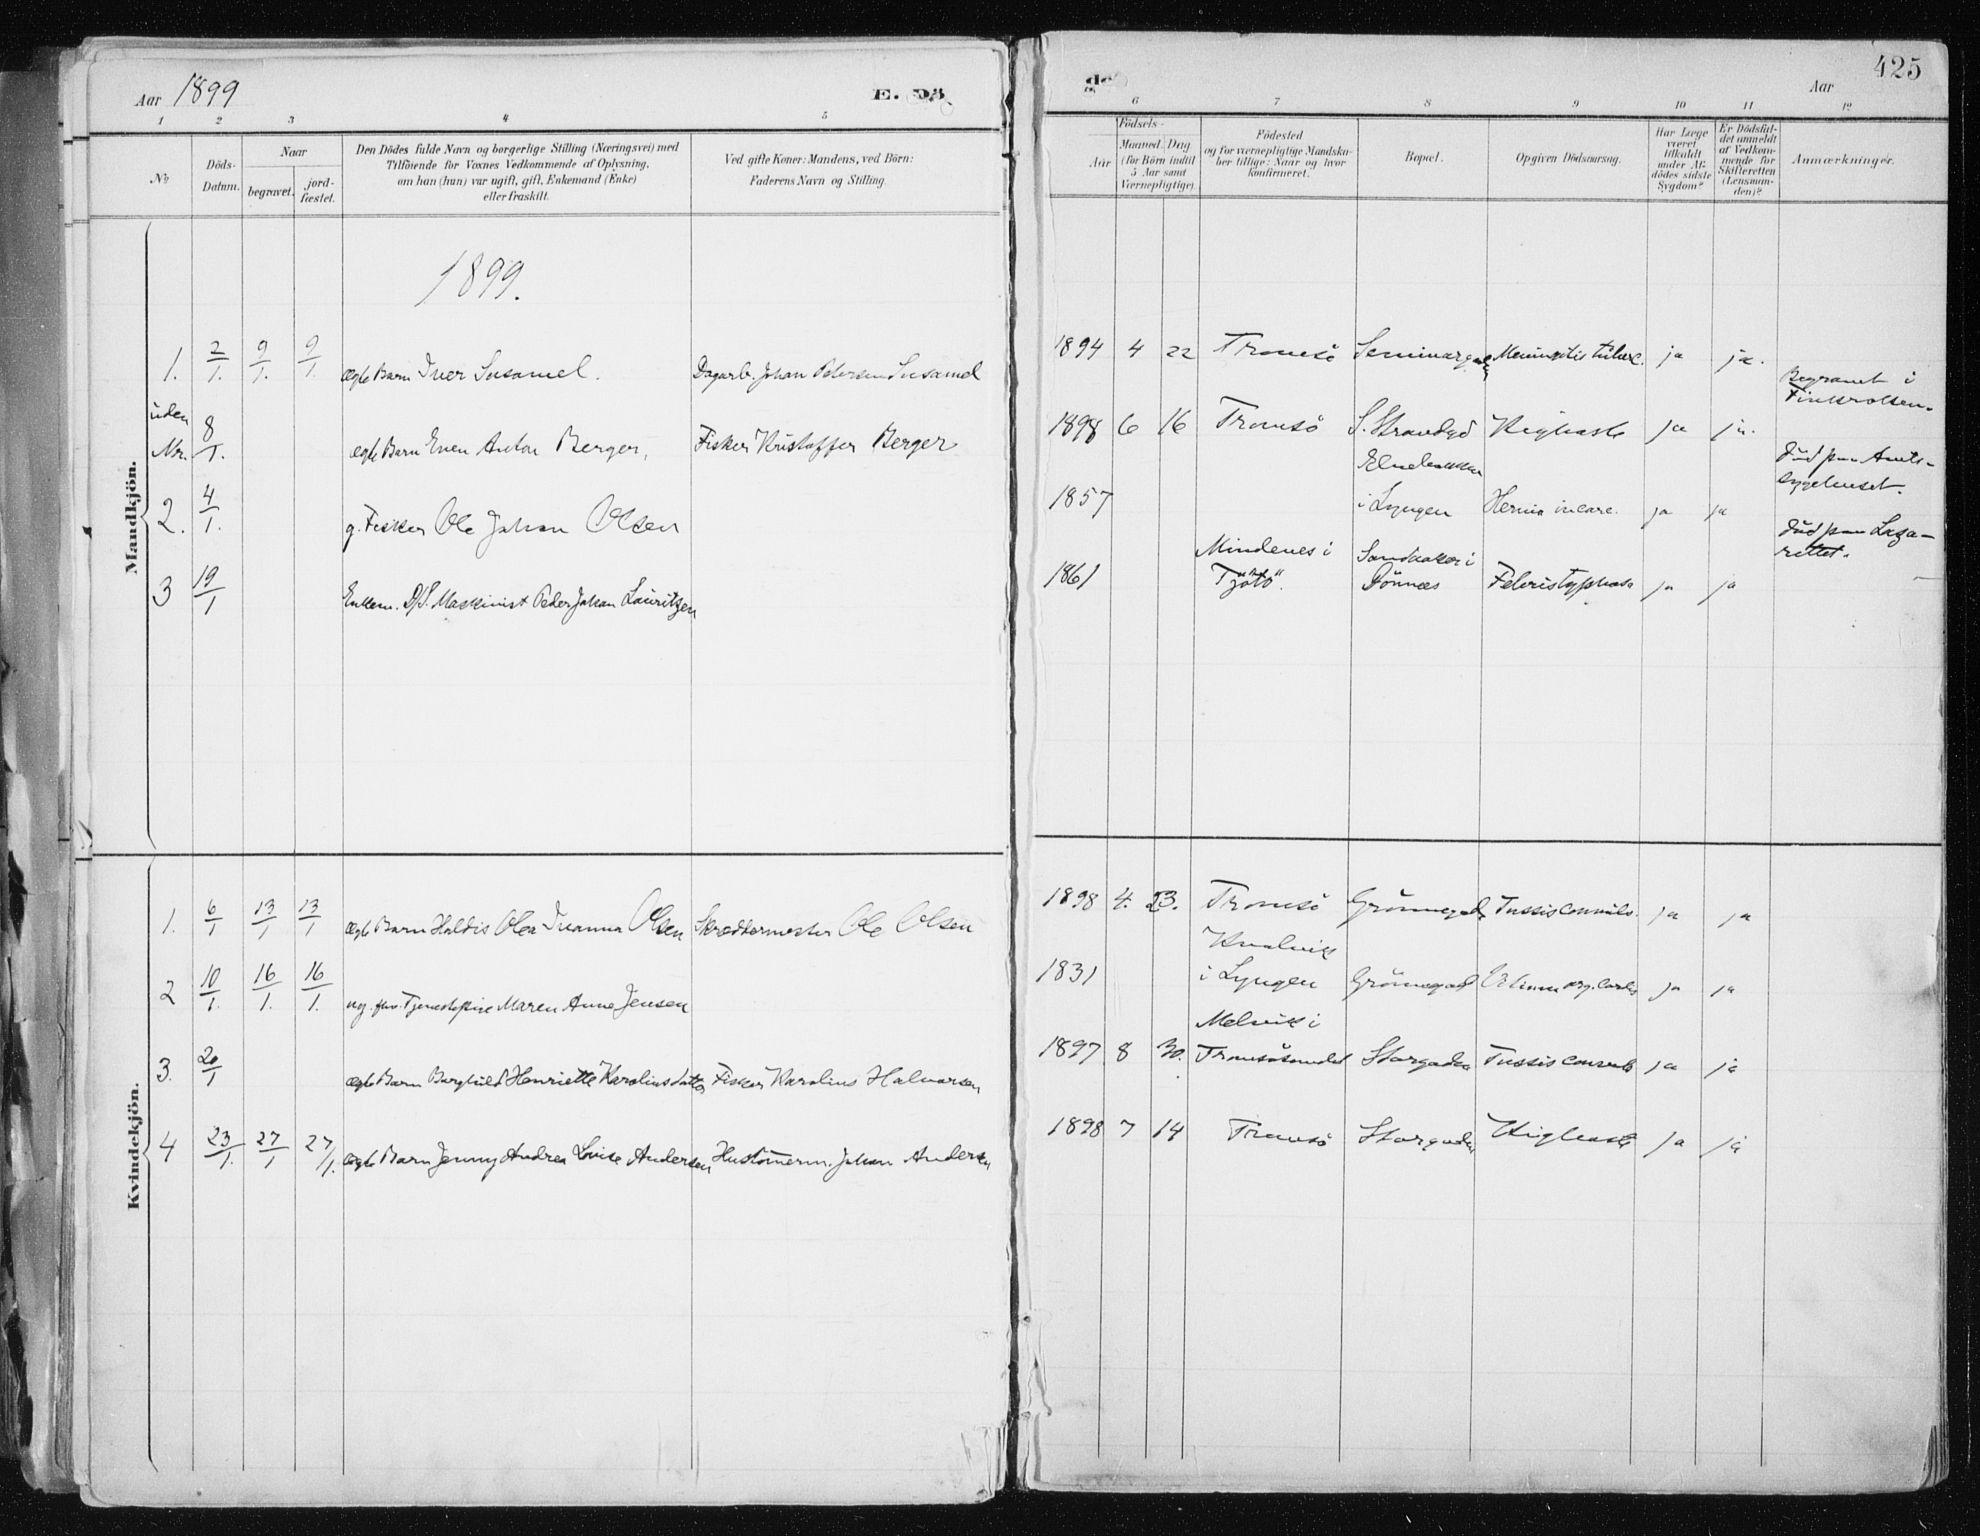 SATØ, Tromsø sokneprestkontor/stiftsprosti/domprosti, G/Ga/L0015kirke: Ministerialbok nr. 15, 1889-1899, s. 425